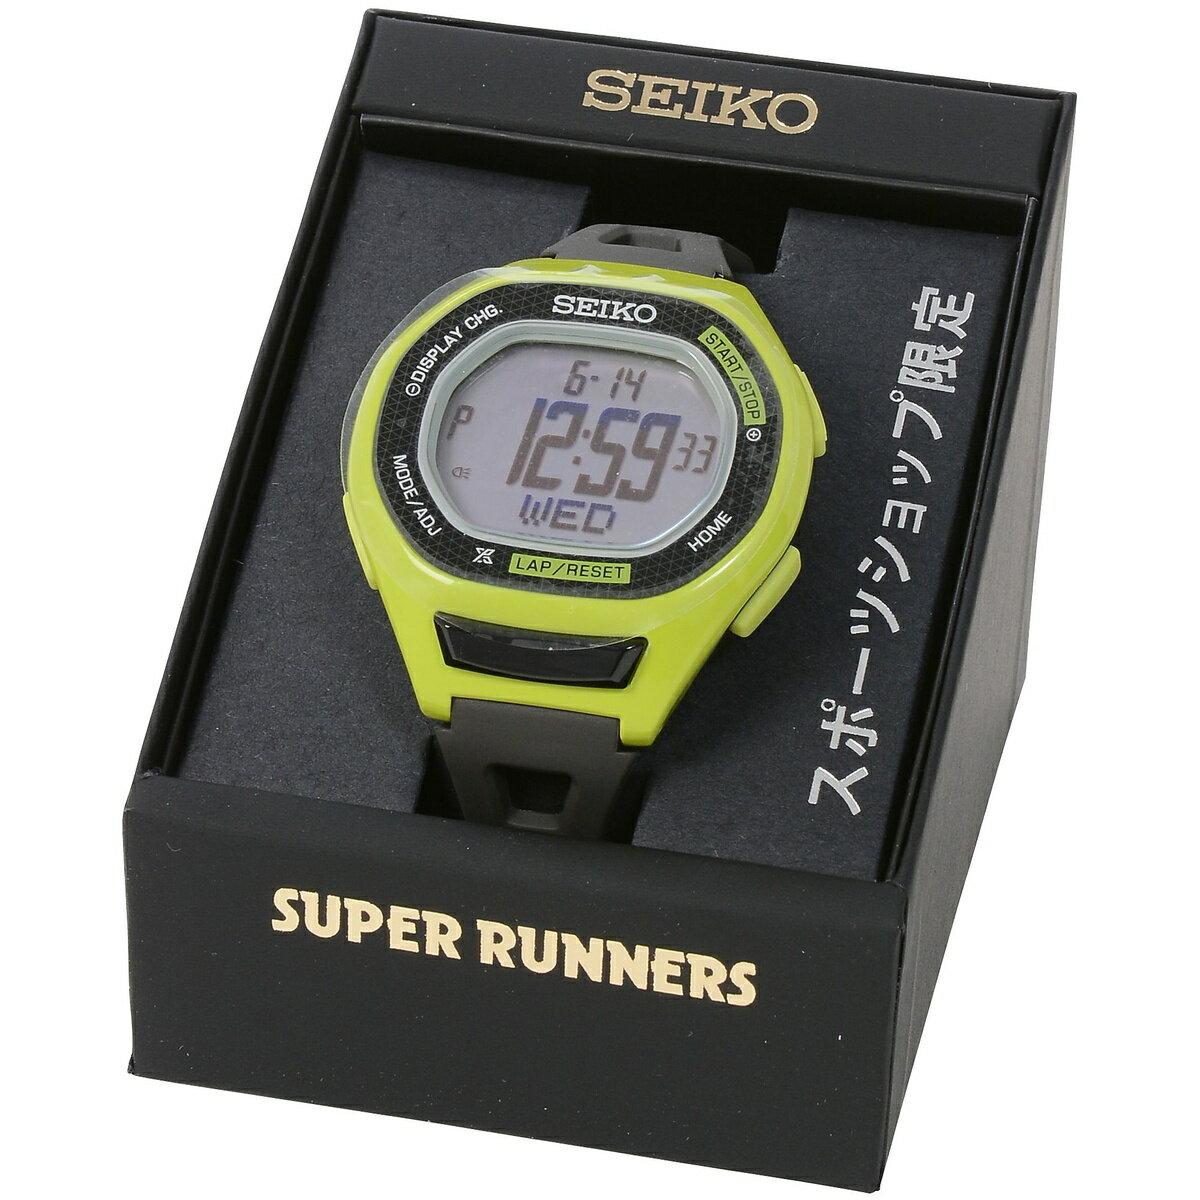 SEIKO(セイコー) スポーツアクセサリー スポーツ SEIKO スーパーランナーズ ラージ ライムグリーン SBEG011